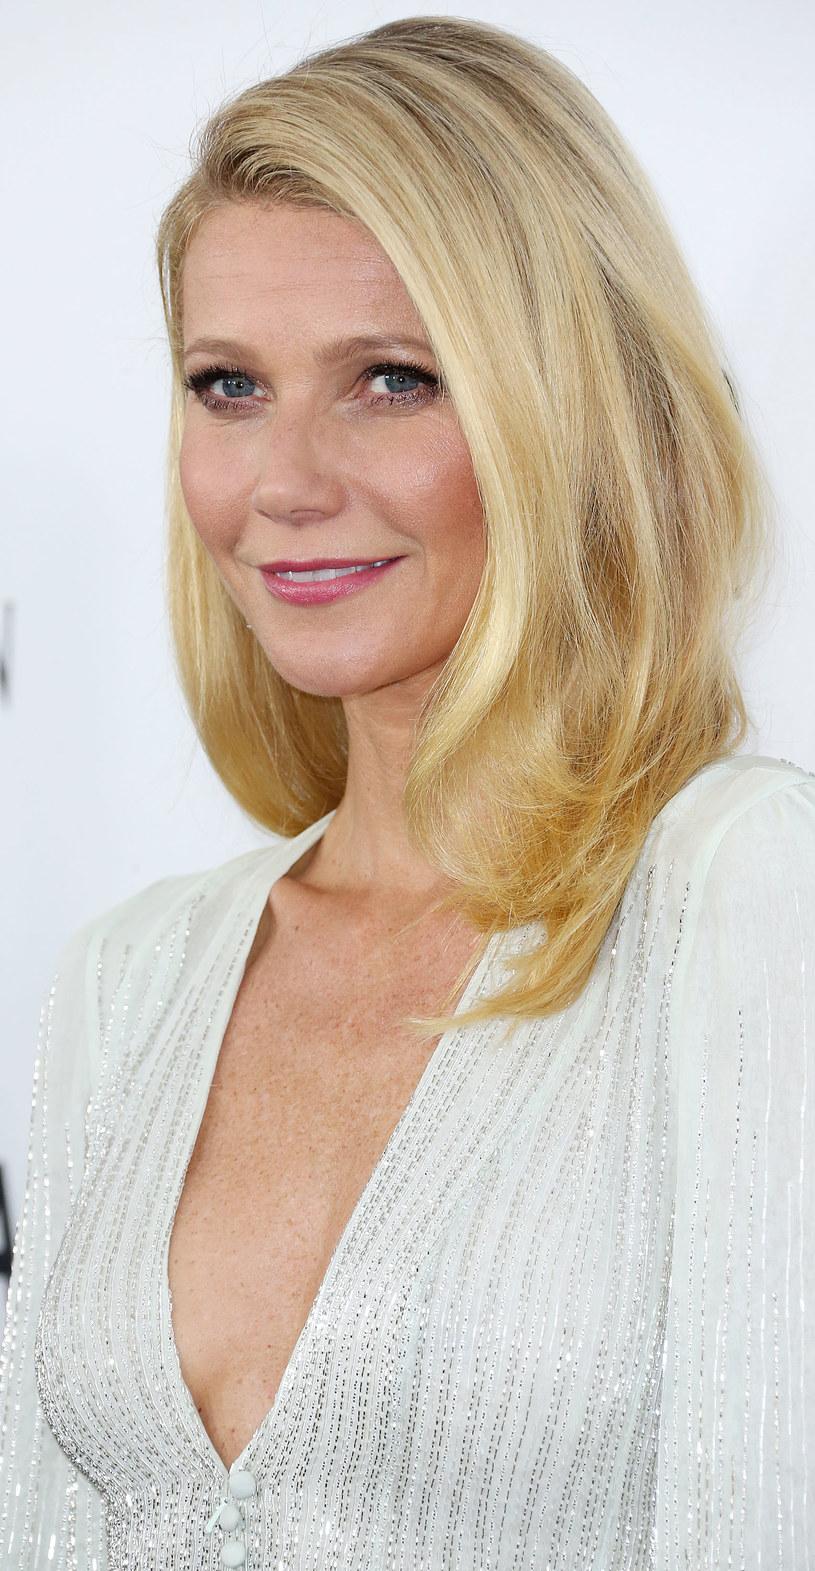 W środę, 27 września, 45. urodziny obchodzi Gwyneth Paltrow - zdobywczyni Oscara, a także utalentowana menadżerka i bizneswoman.